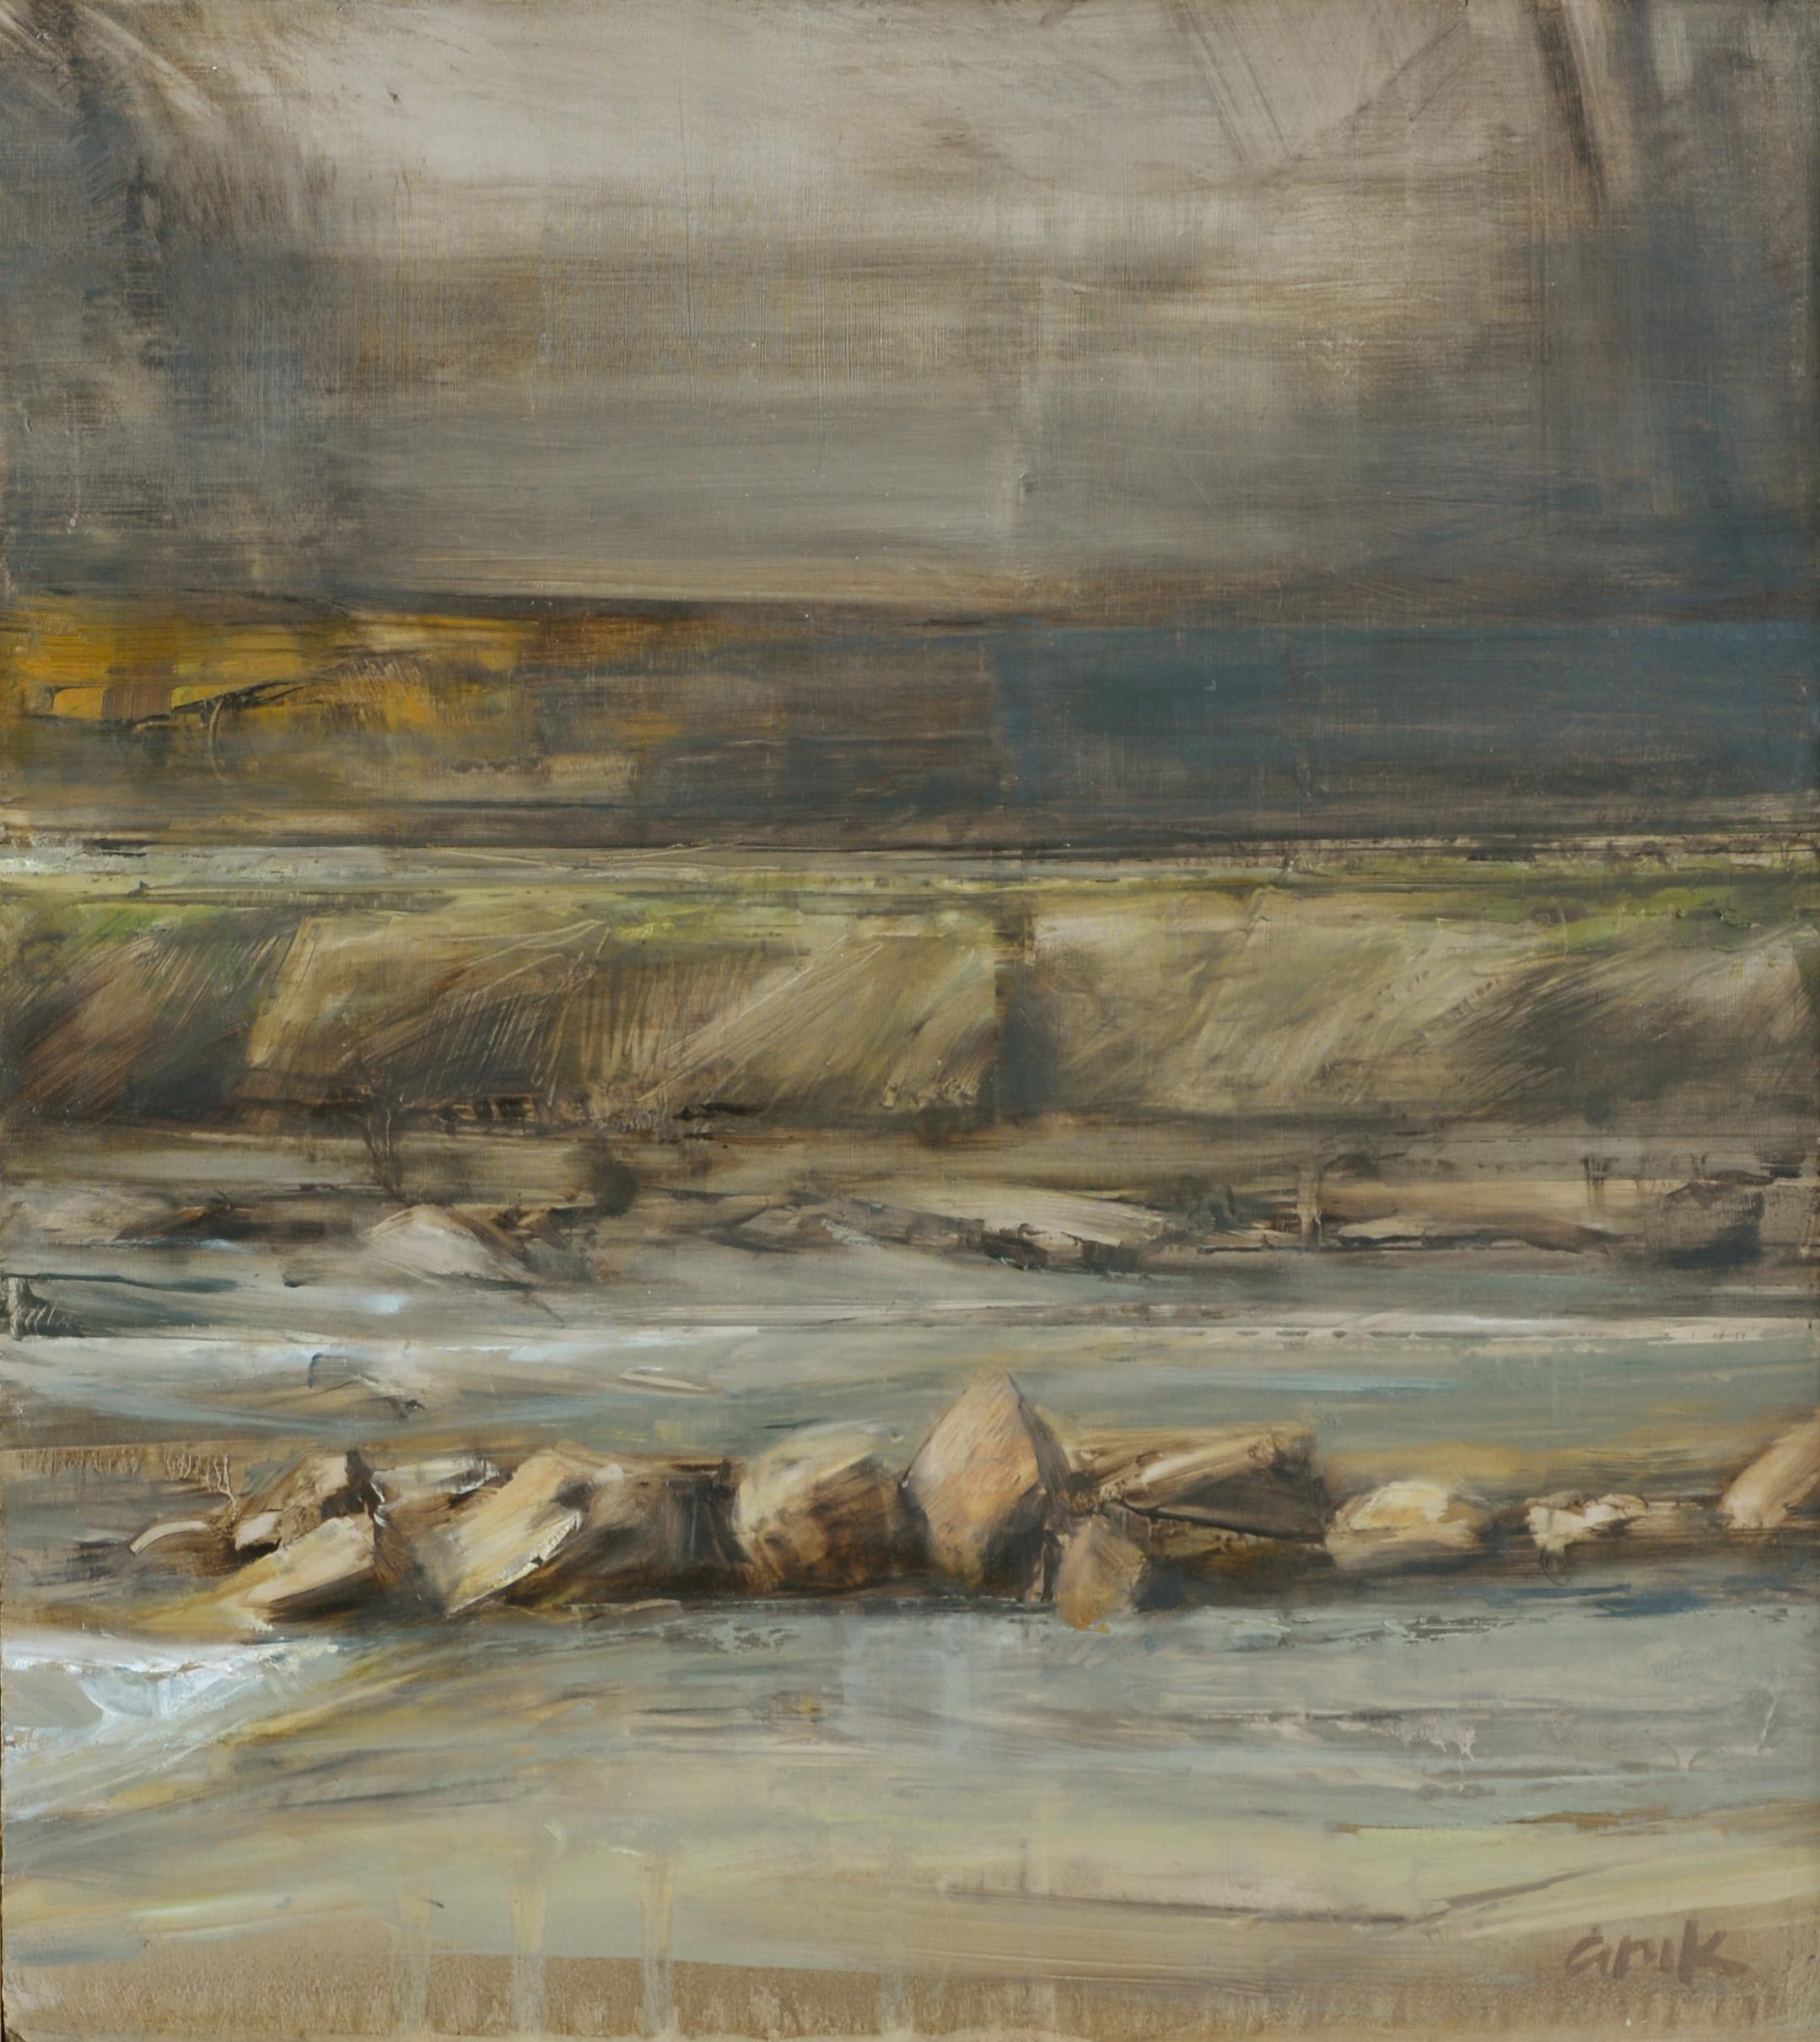 """River - December   oil on panel  11.5 x 10""""  2014"""